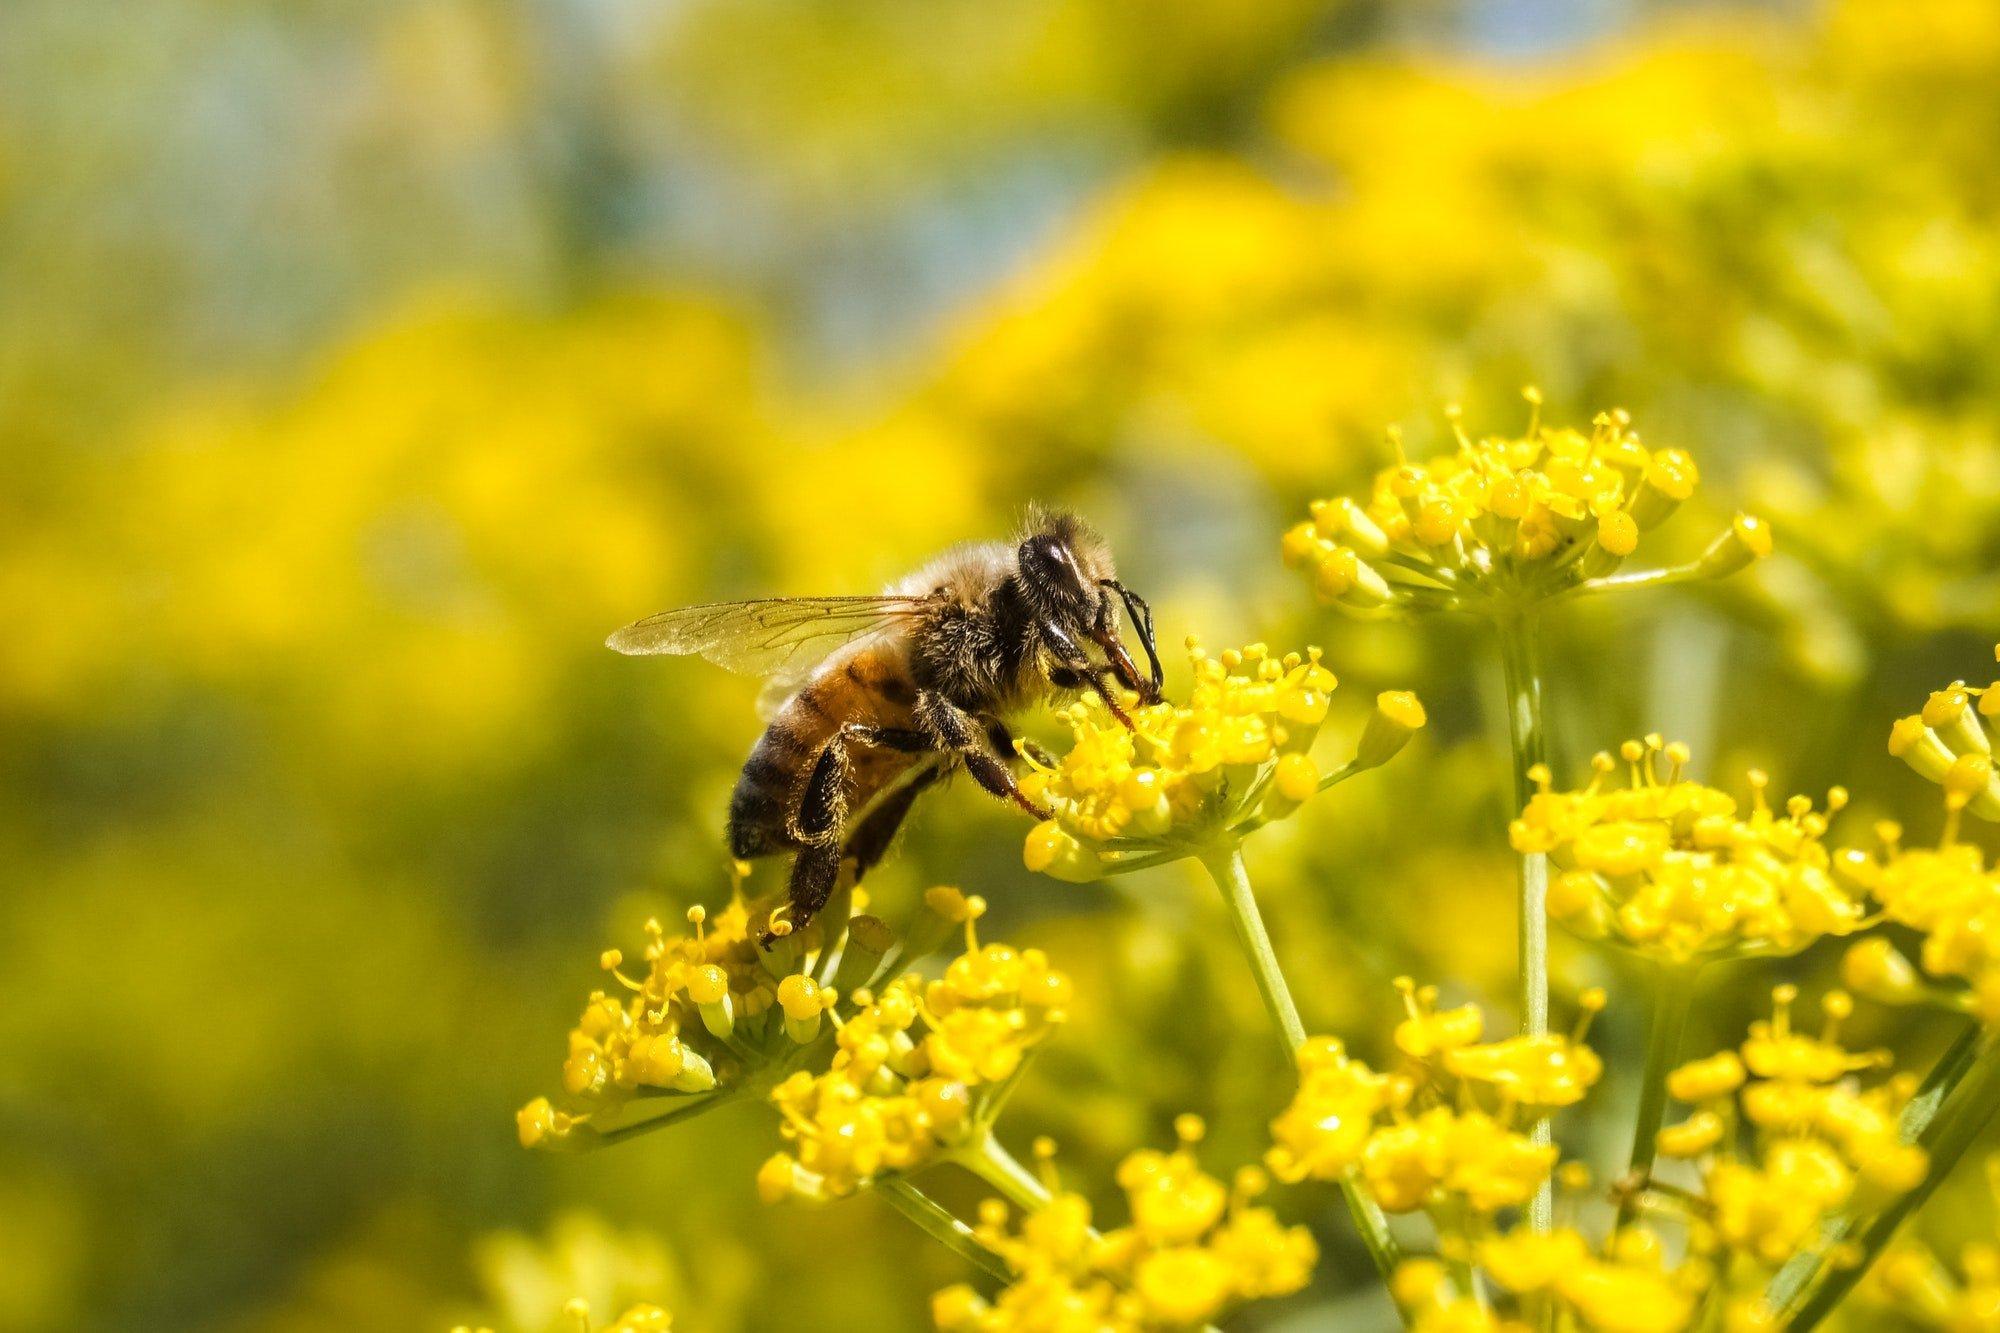 Bee on fennel flower, California